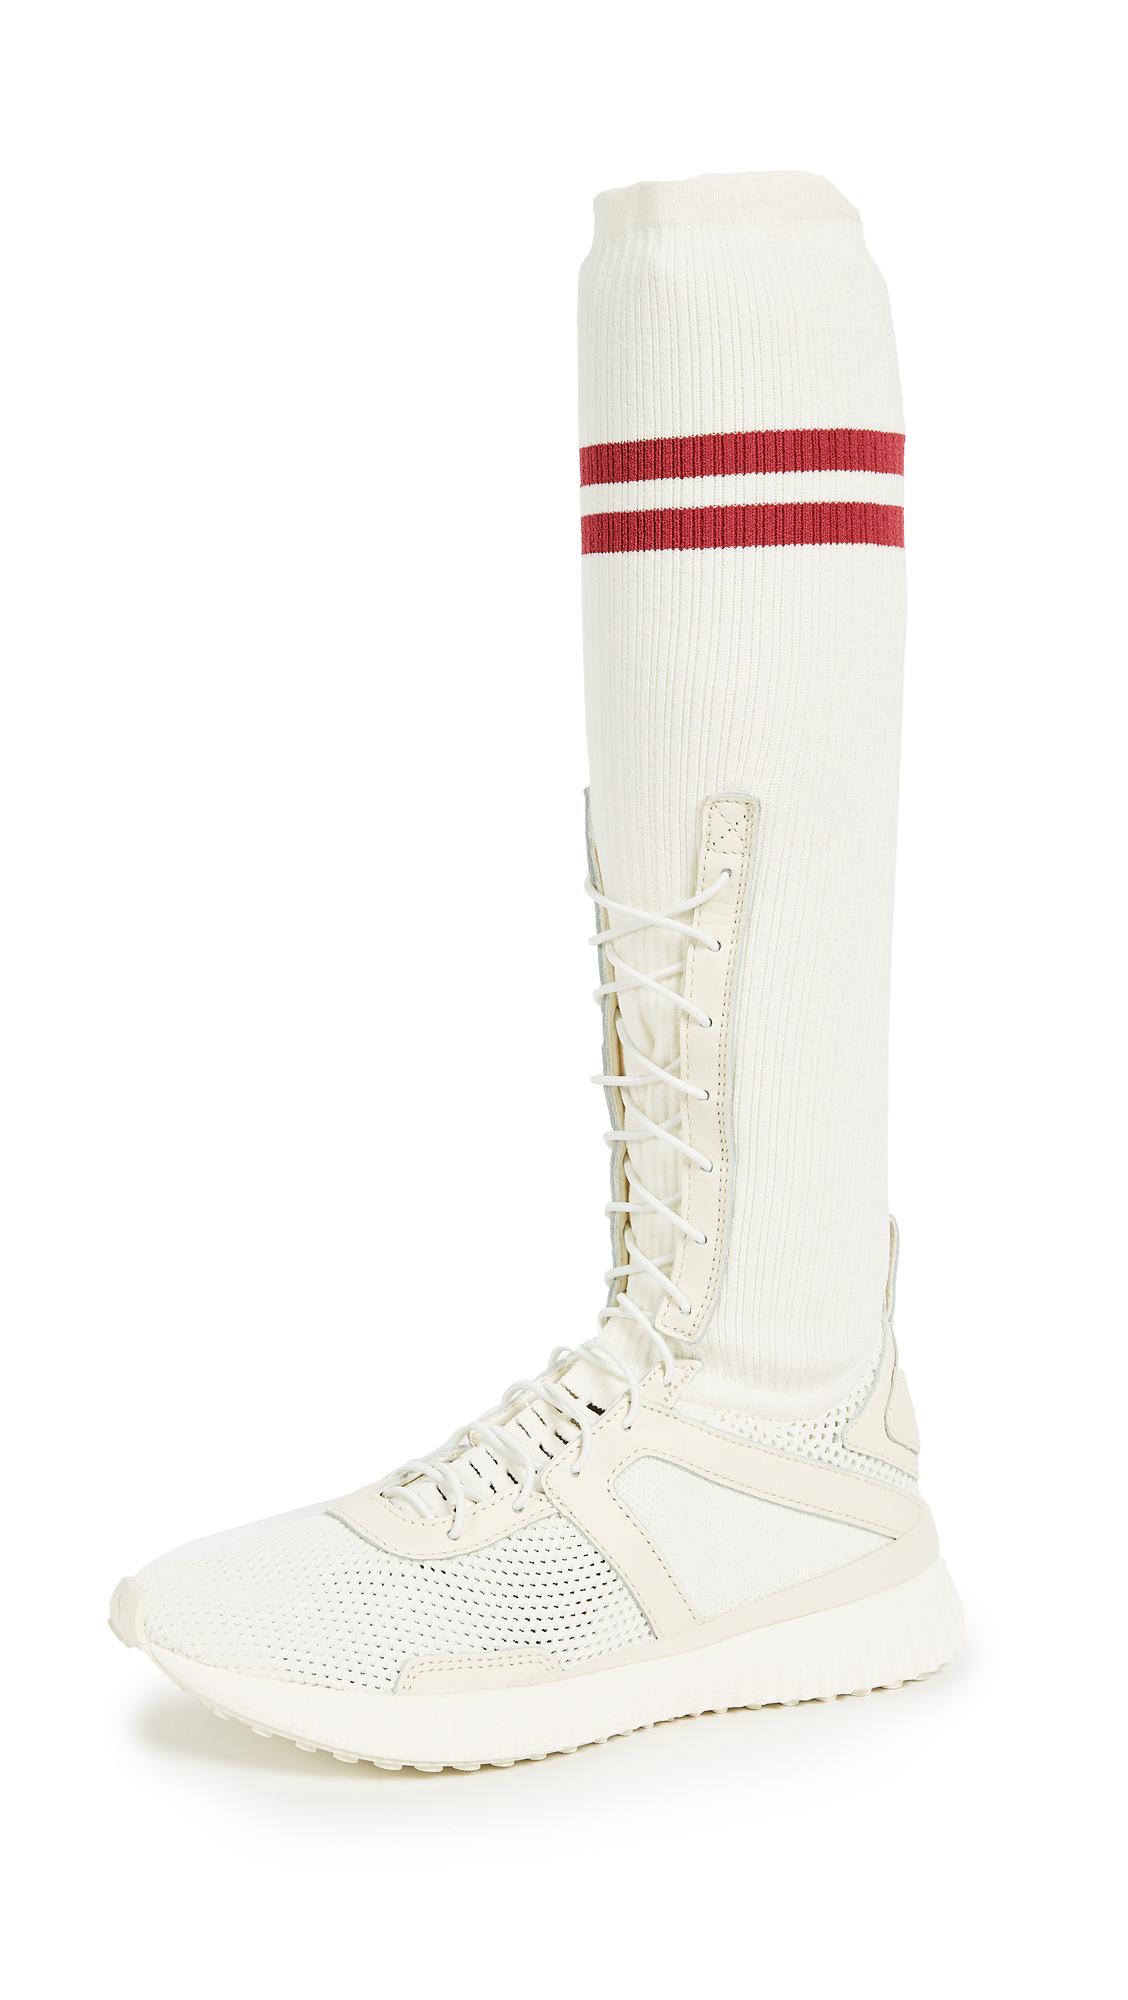 PUMA FENTY x PUMA Trainer Hi Boots - Vanilla Ice/Red Bud